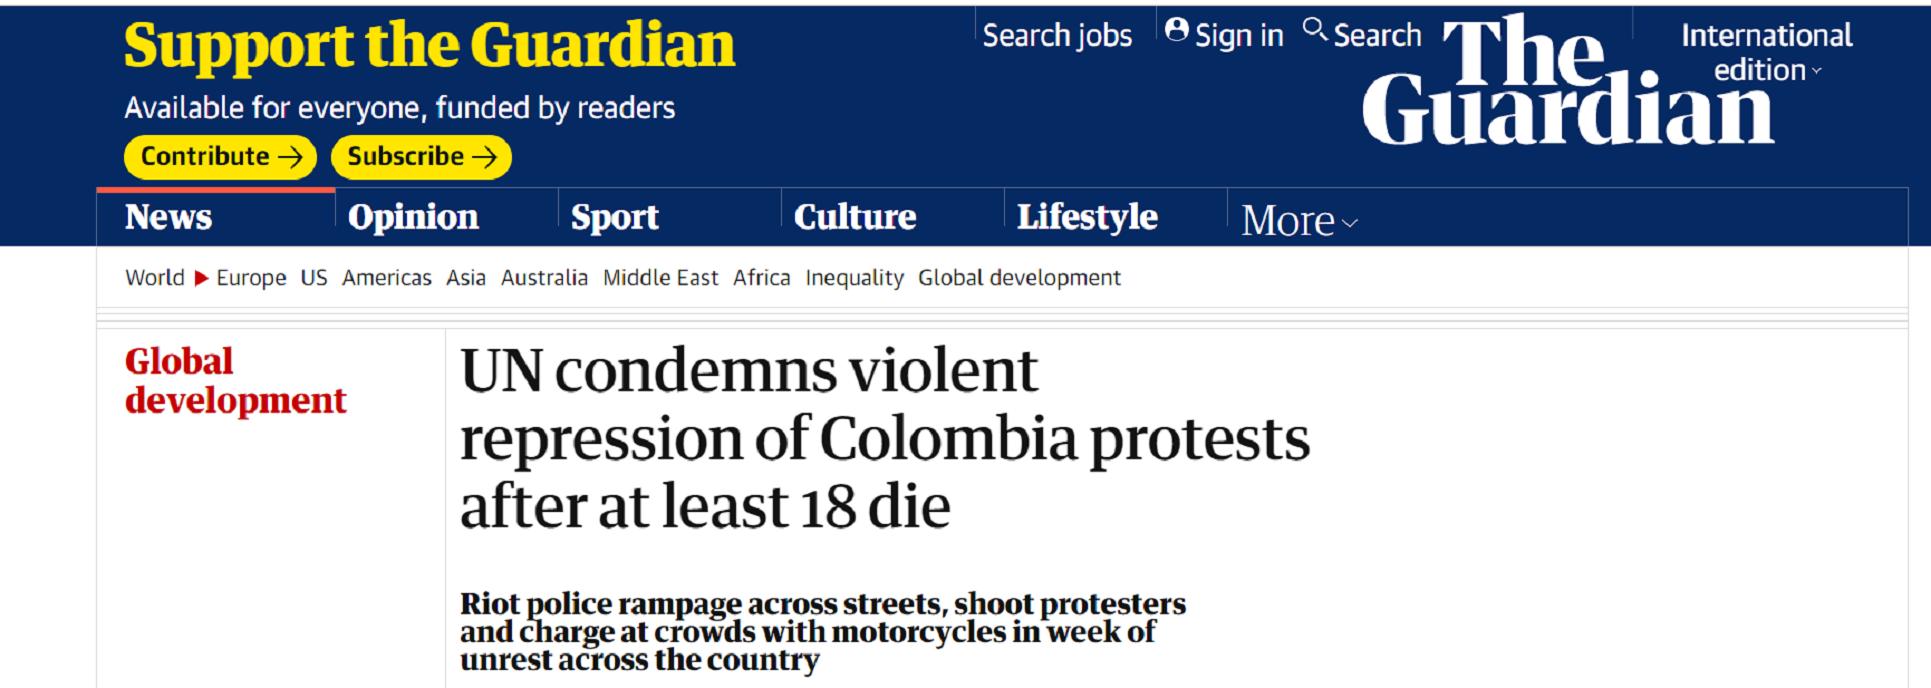 Artículo de The Guardian sobre las protestas en Colombia. Foto: The Guardian.